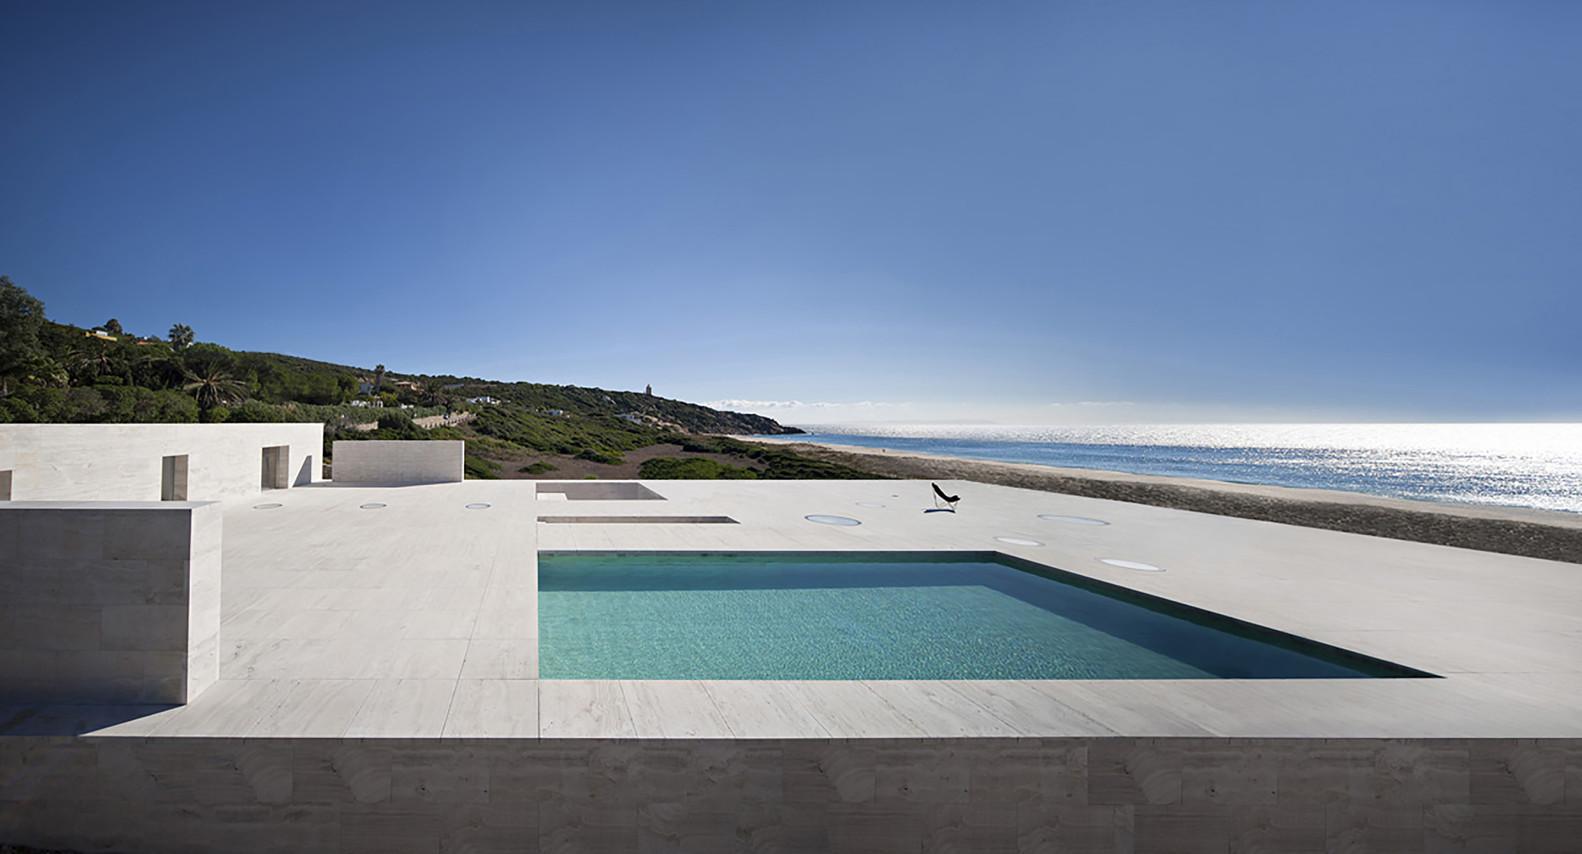 """3 13 - """"Casa del infinito"""": Horizonte espectacular de cielo y mar en Zahara de los Atunes (Cádiz)"""